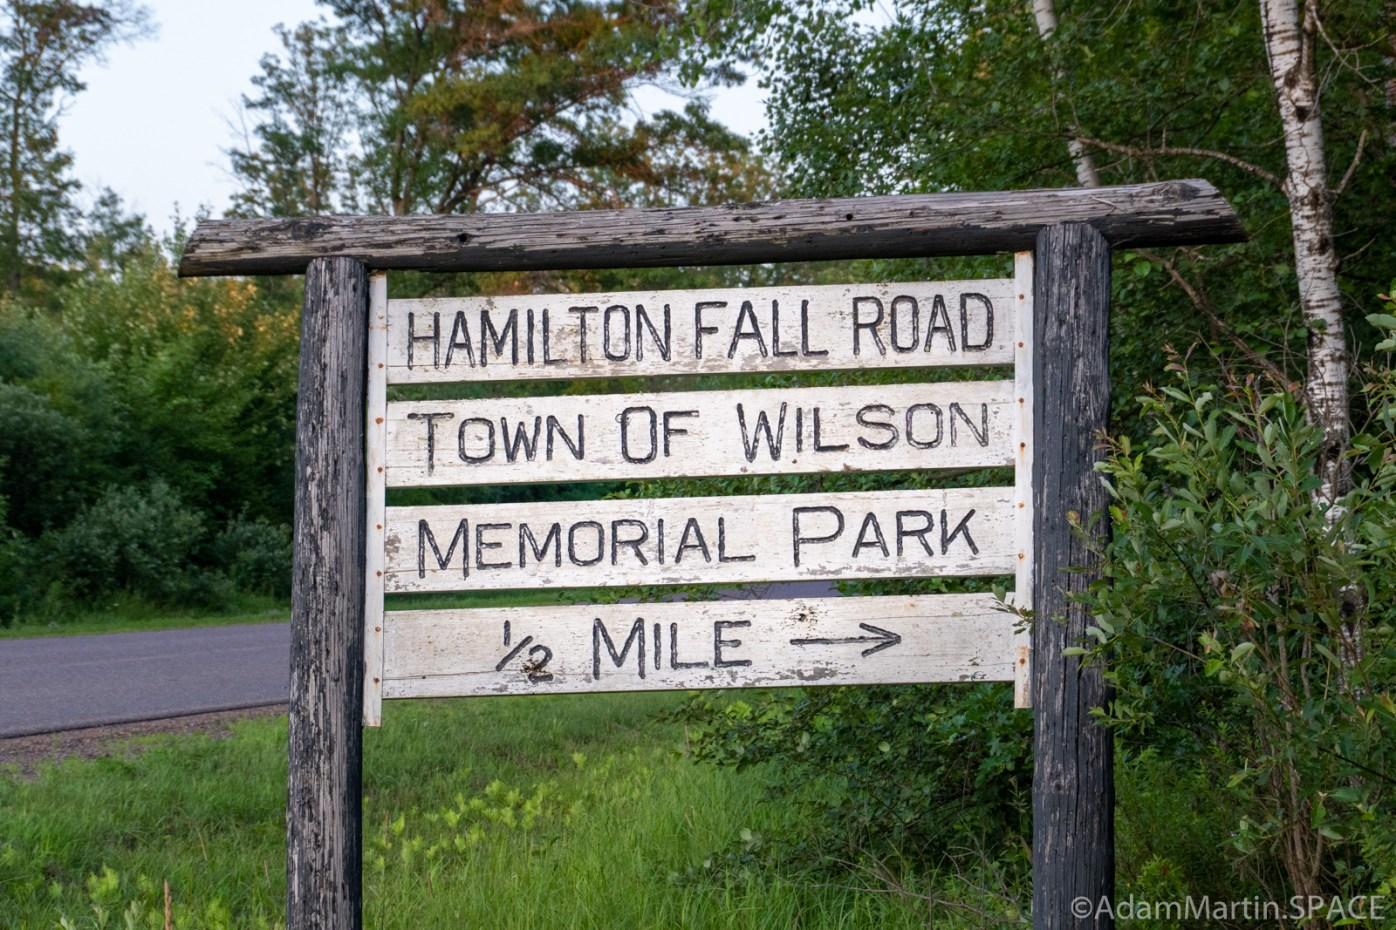 Hamilton Falls Road - Memorial Park sign